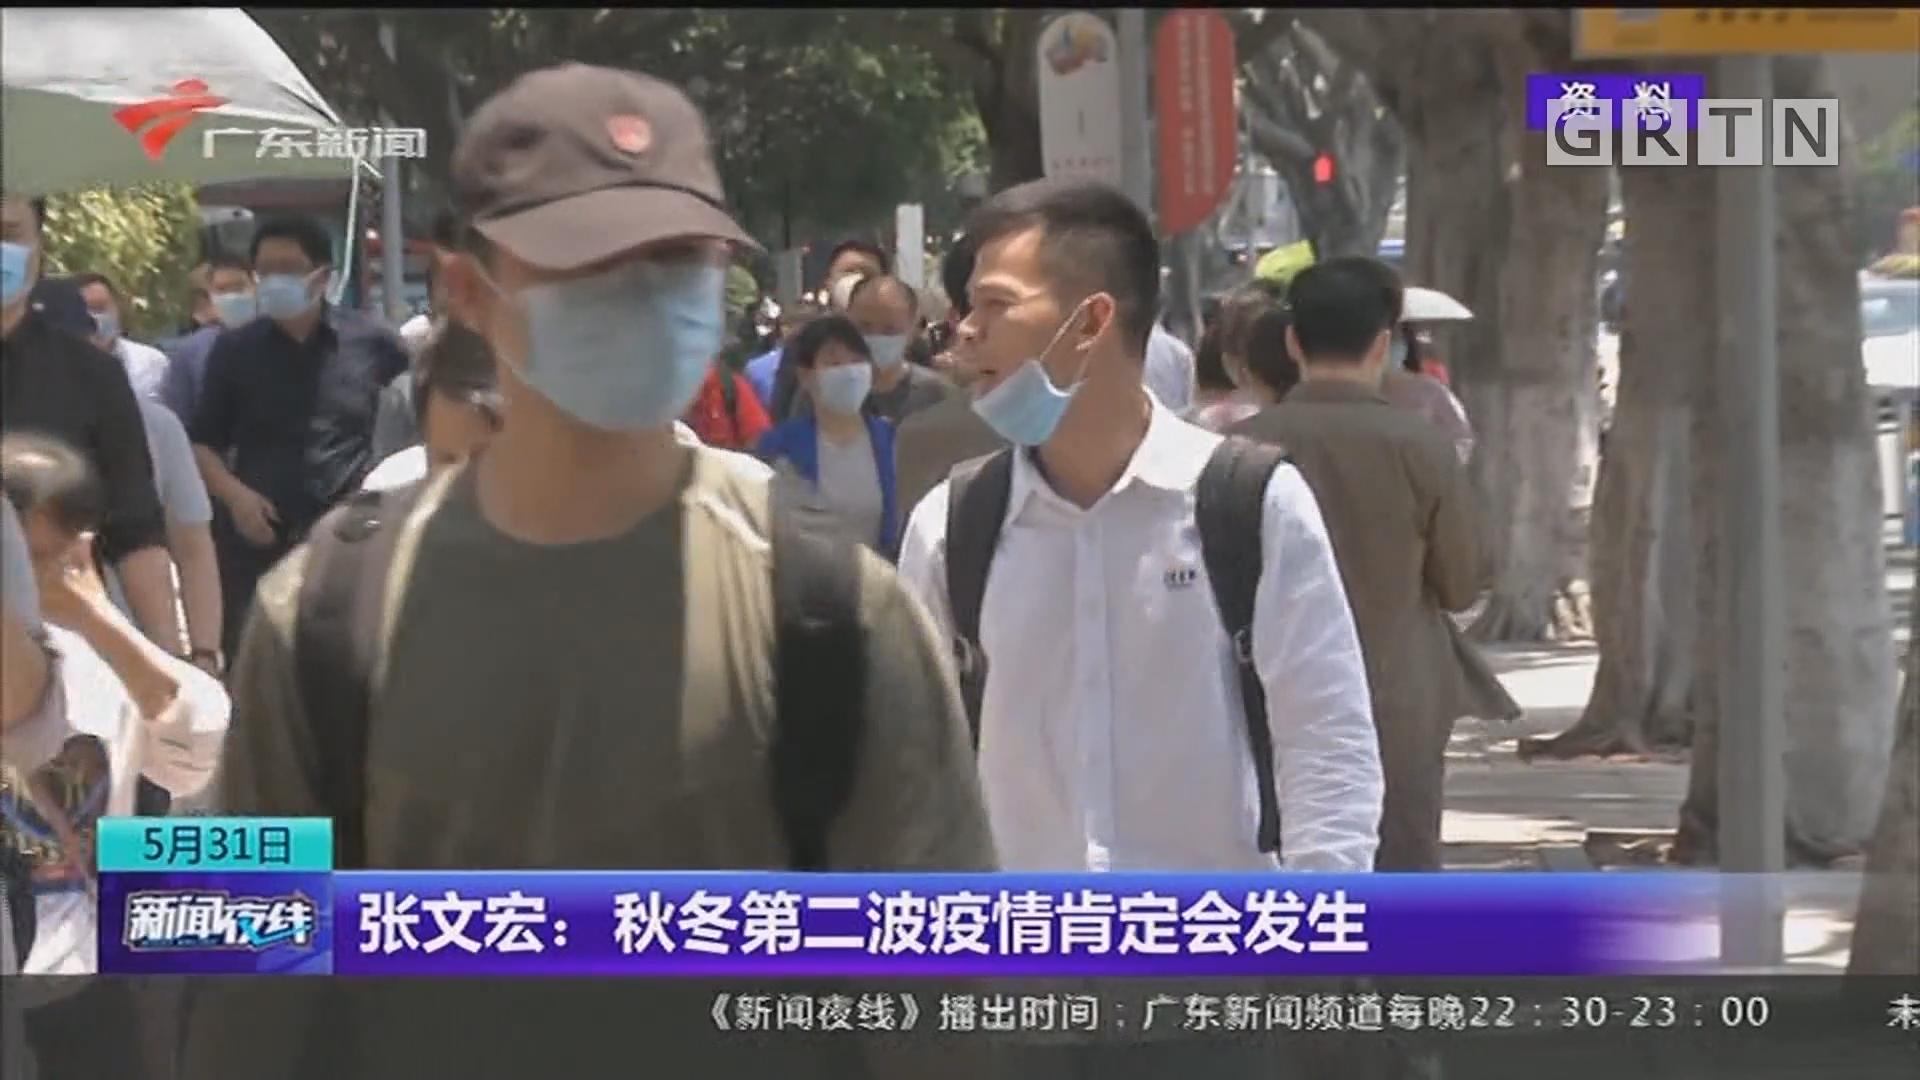 张文宏:秋冬第二波疫情肯定会发生